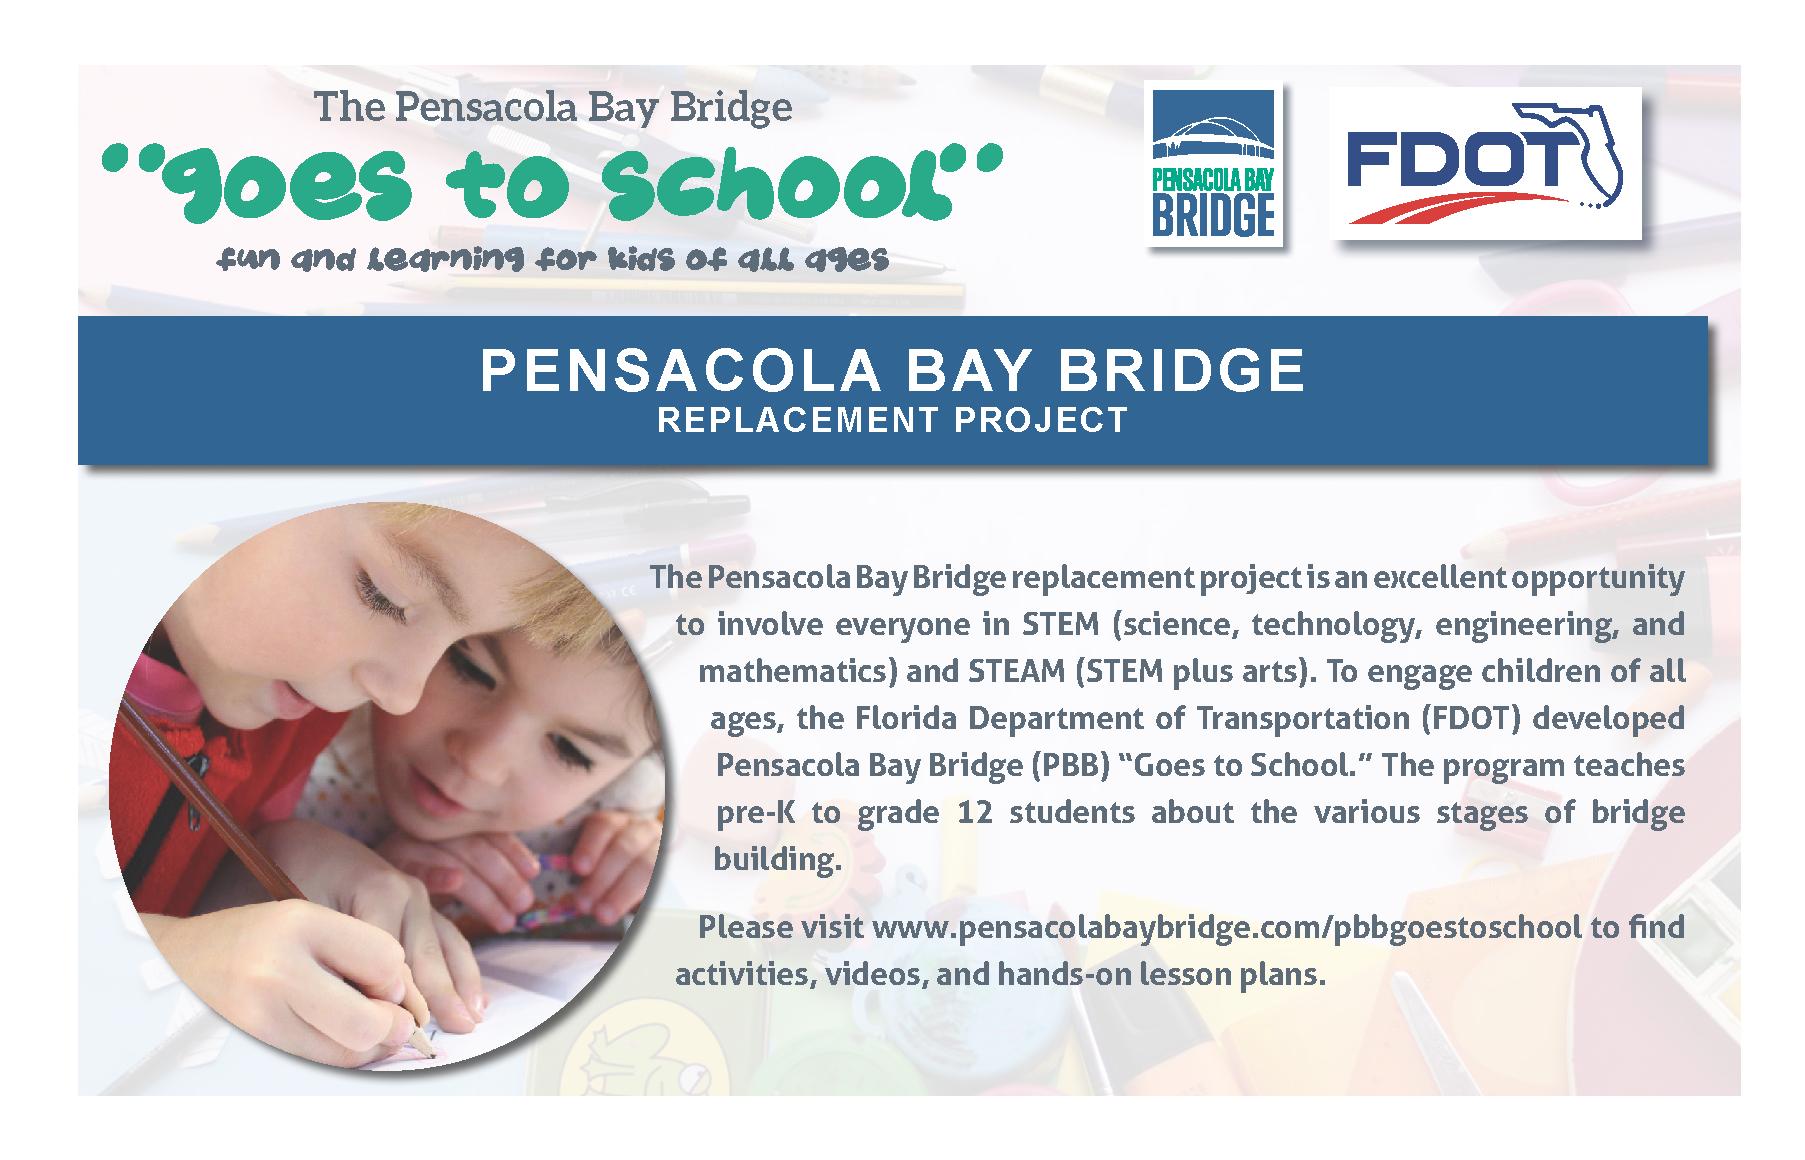 PBB Goes to School - Parent Handout